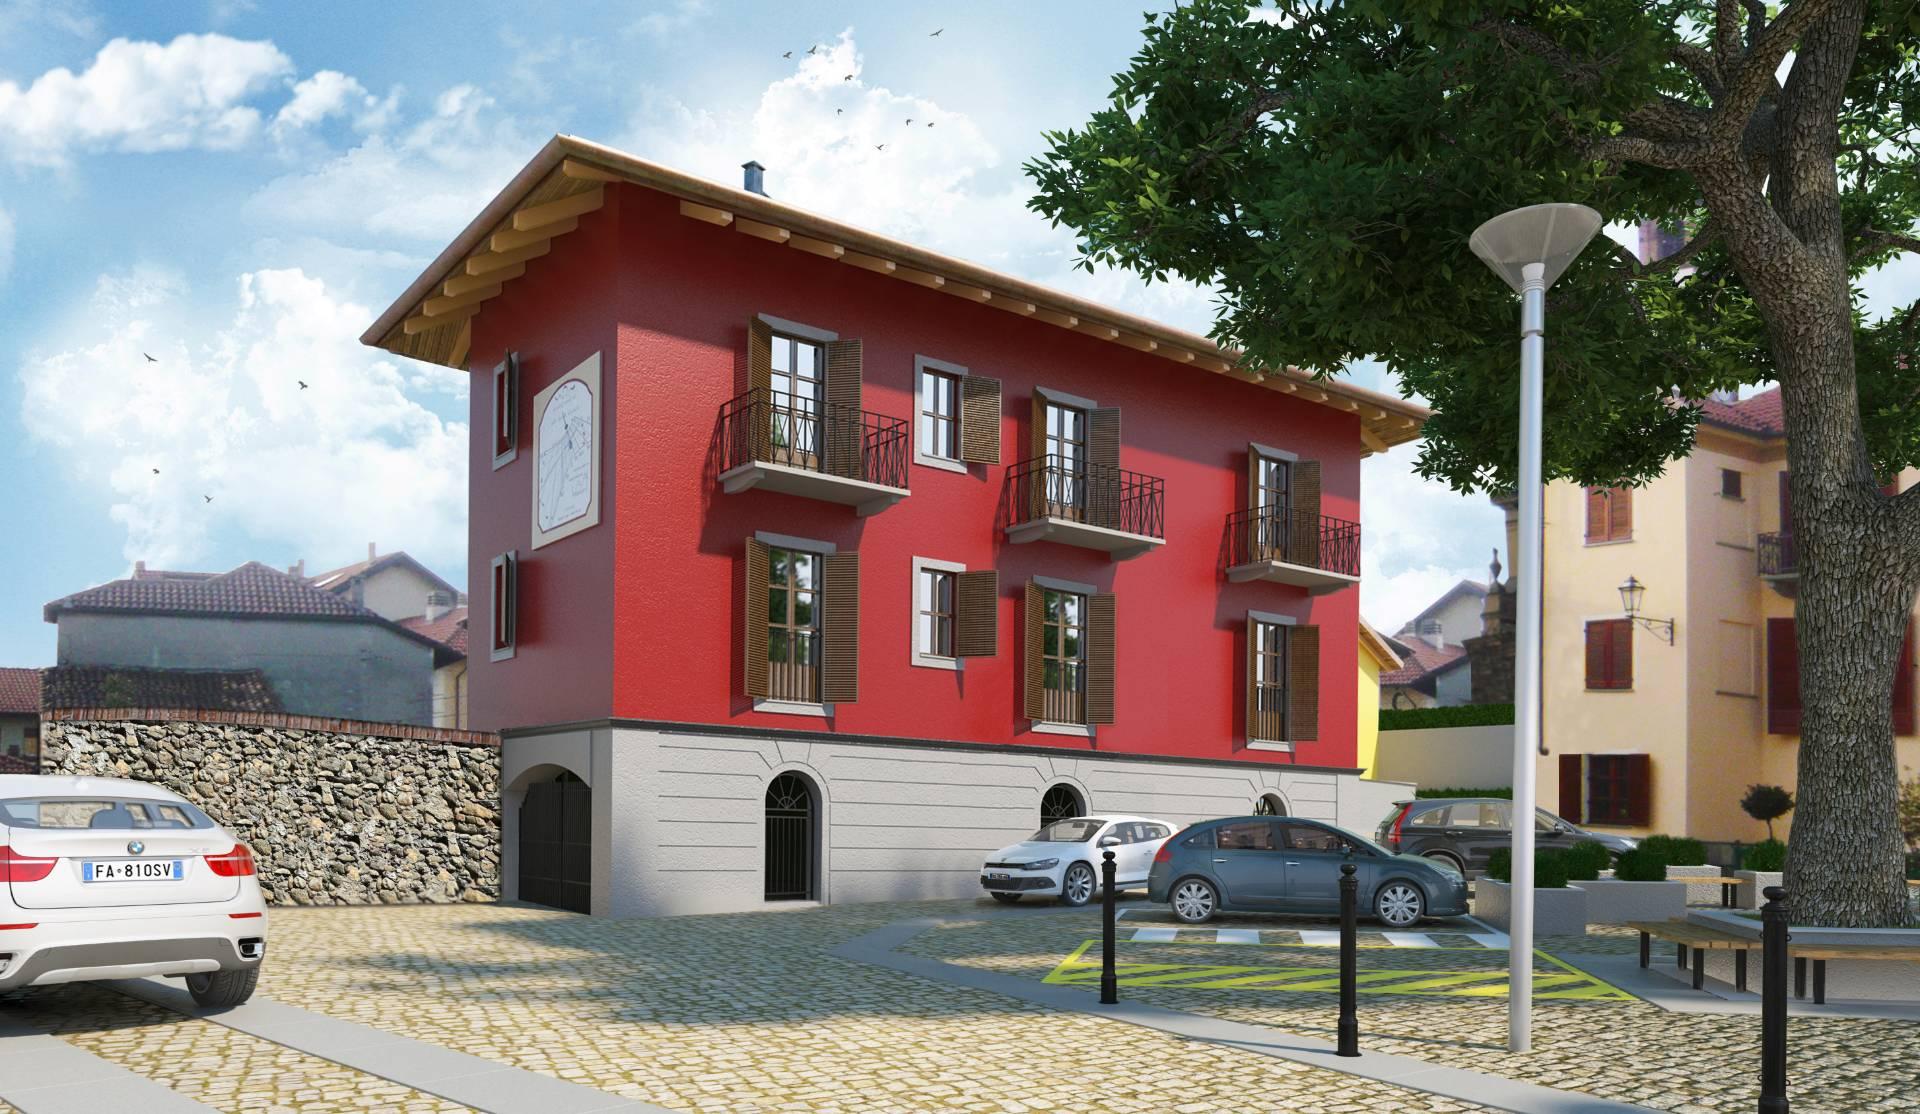 Appartamento in vendita a Villarbasse, 4 locali, zona Località: Centro, prezzo € 298.000   CambioCasa.it